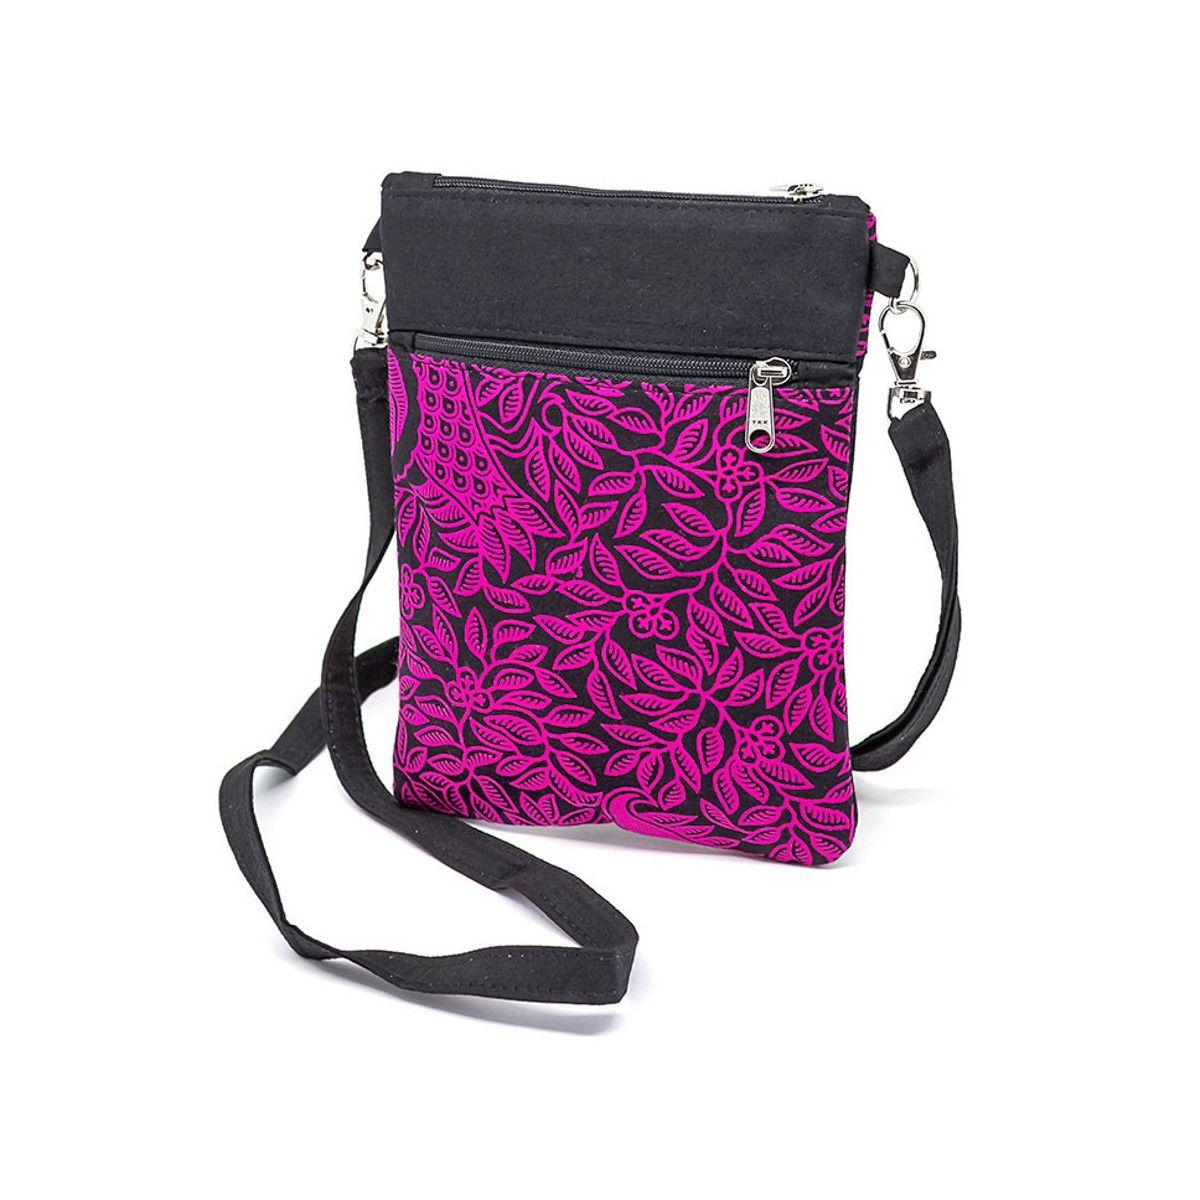 Pochette de voyage bandoulière tissu rose et noir